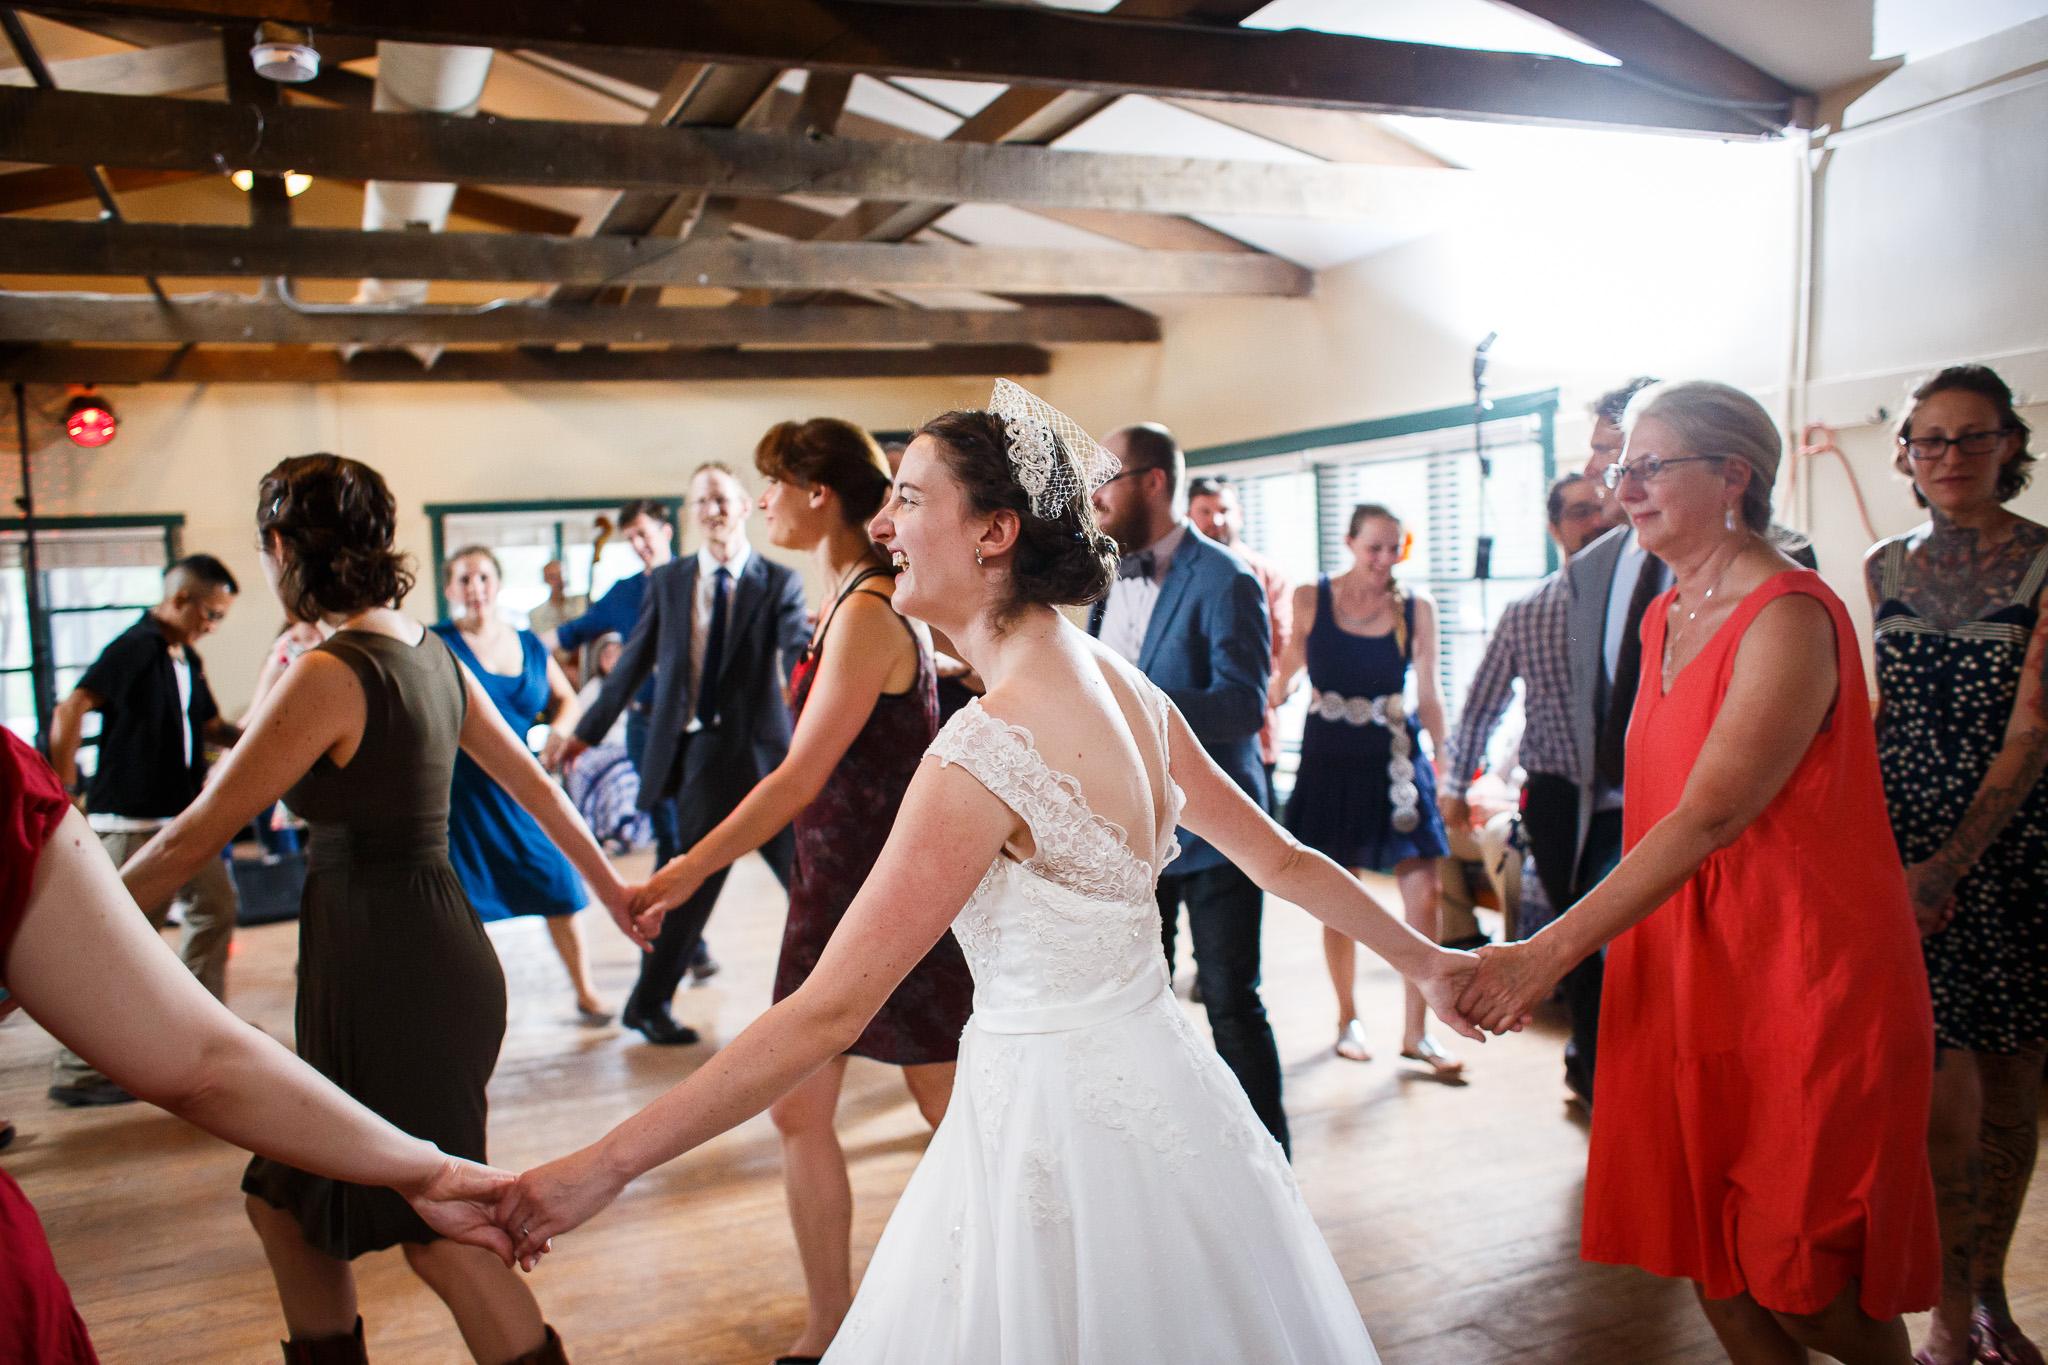 wedding-albuquerque-tijeras-ywca-pinon-canyon-center-0288.jpg